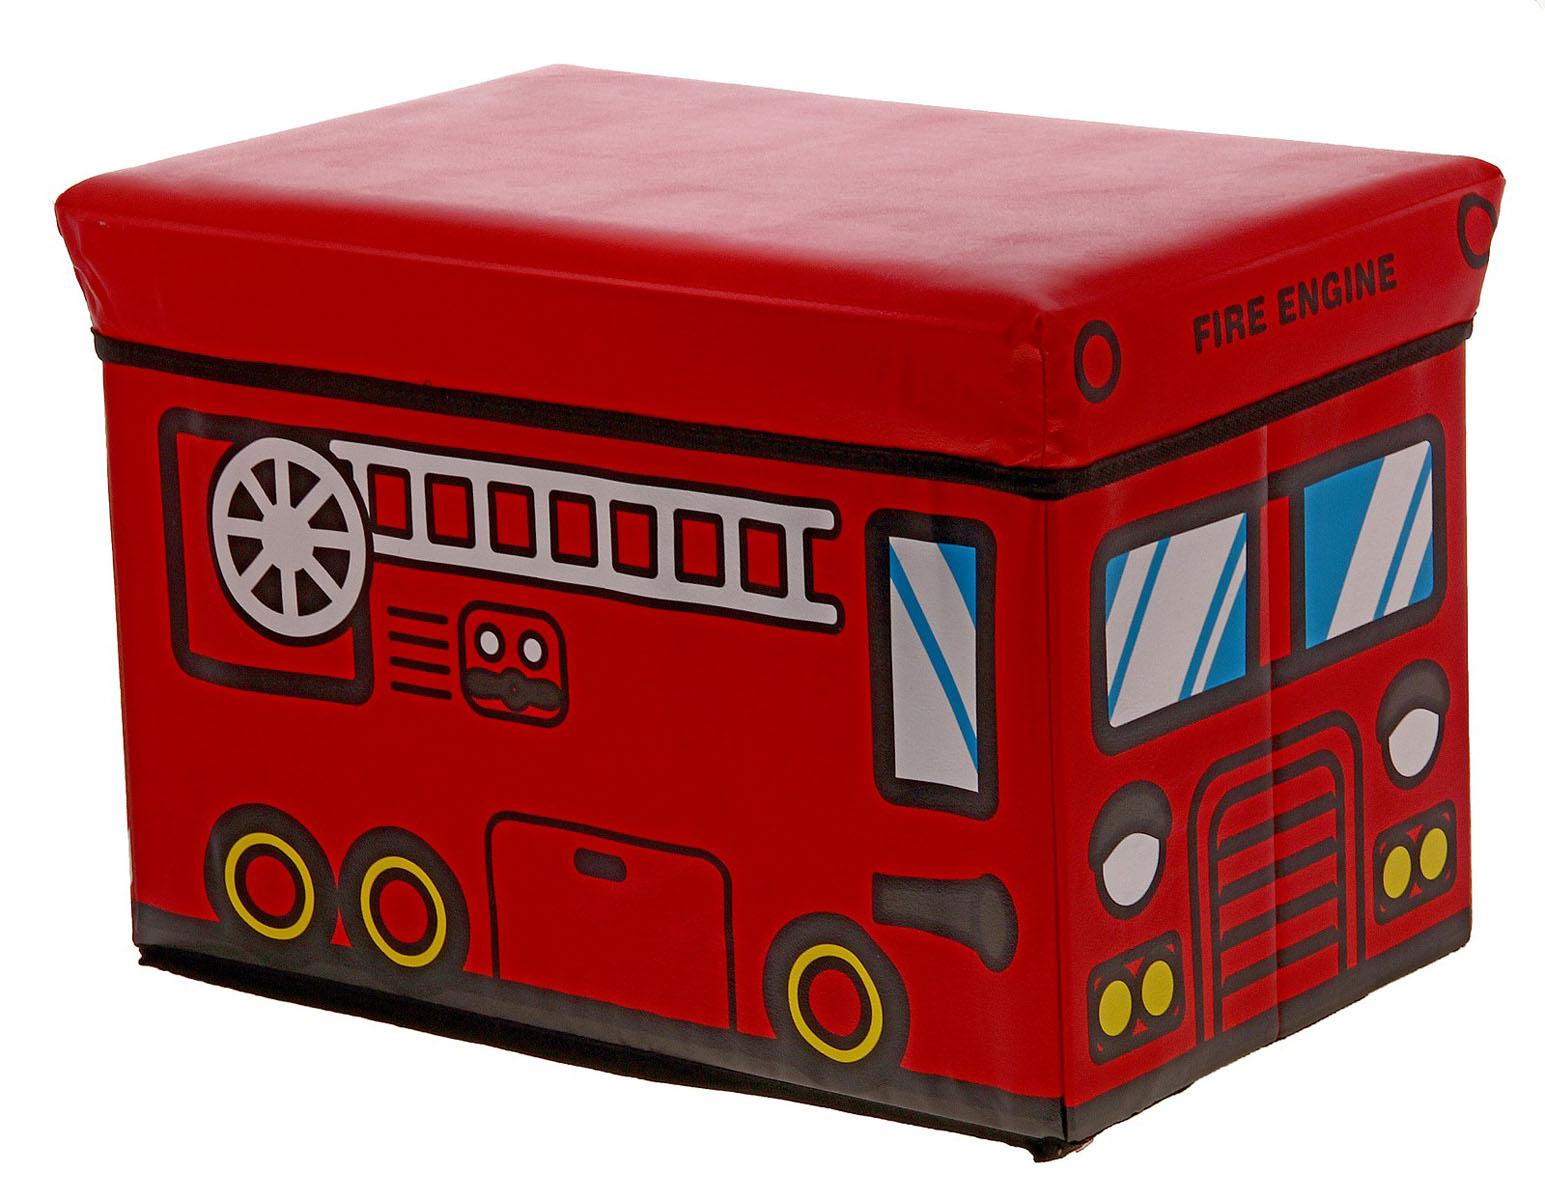 Короб для хранения Sima-land Пожарная машина, с крышкой, 48 х 31 х 31 см707523Короб для хранения Sima-land Пожарная машина изготовлен из прочного картона, клеенки и флизелина. Короб предназначен для хранения различных вещей. Также он идеально подойдет для детских игрушек. Изделие выполнено в виде пожарной машины и оснащено удобной, плотно закрывающейся крышкой. Короб сочетает в себе практичность и яркий игровой дизайн, благодаря которому прекрасно подойдет для детской комнаты. Материал: картон, клеенка, флизелин.